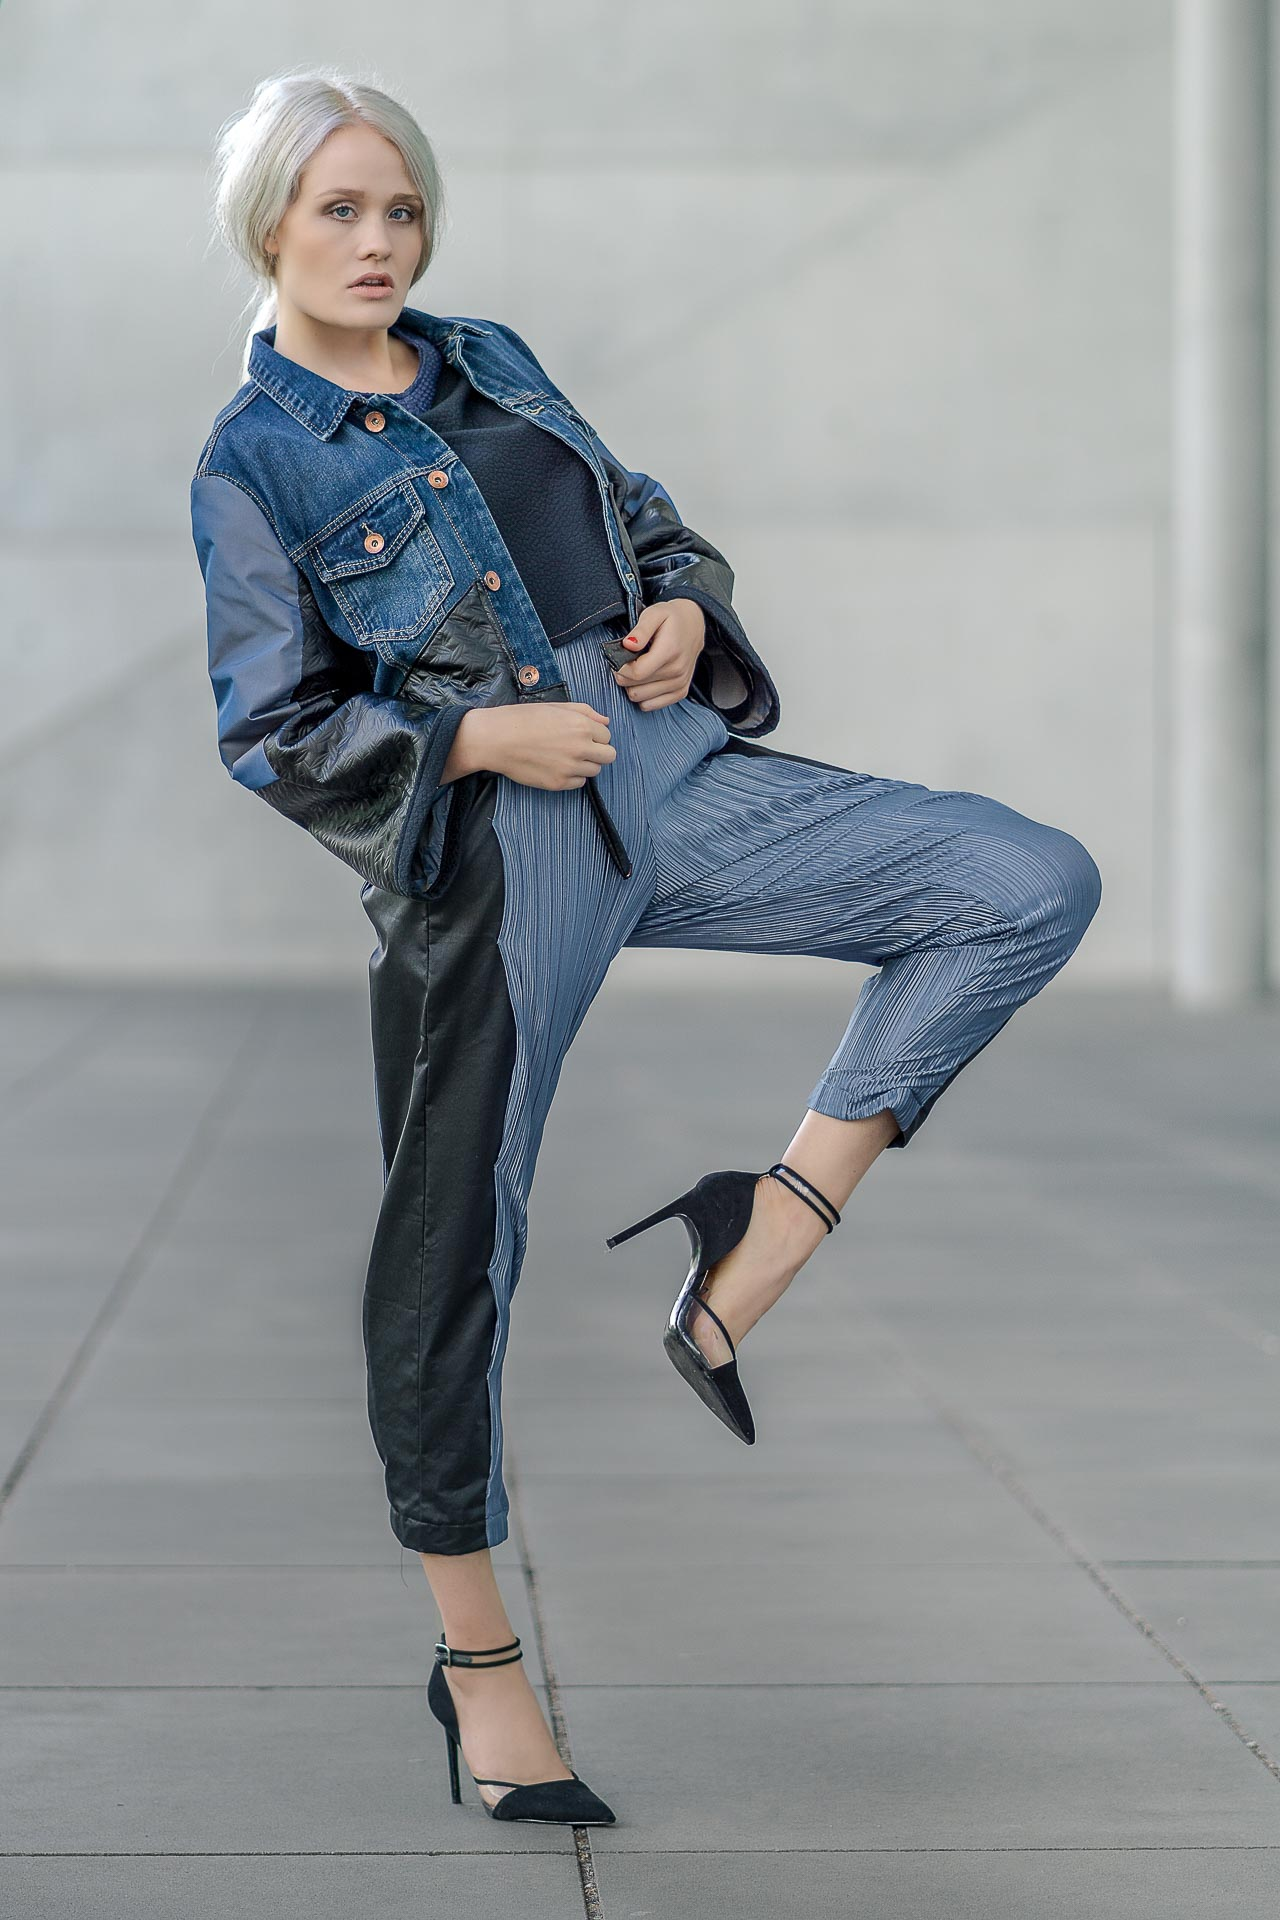 Kim auf einem Bein stehend mit Jeansjacke